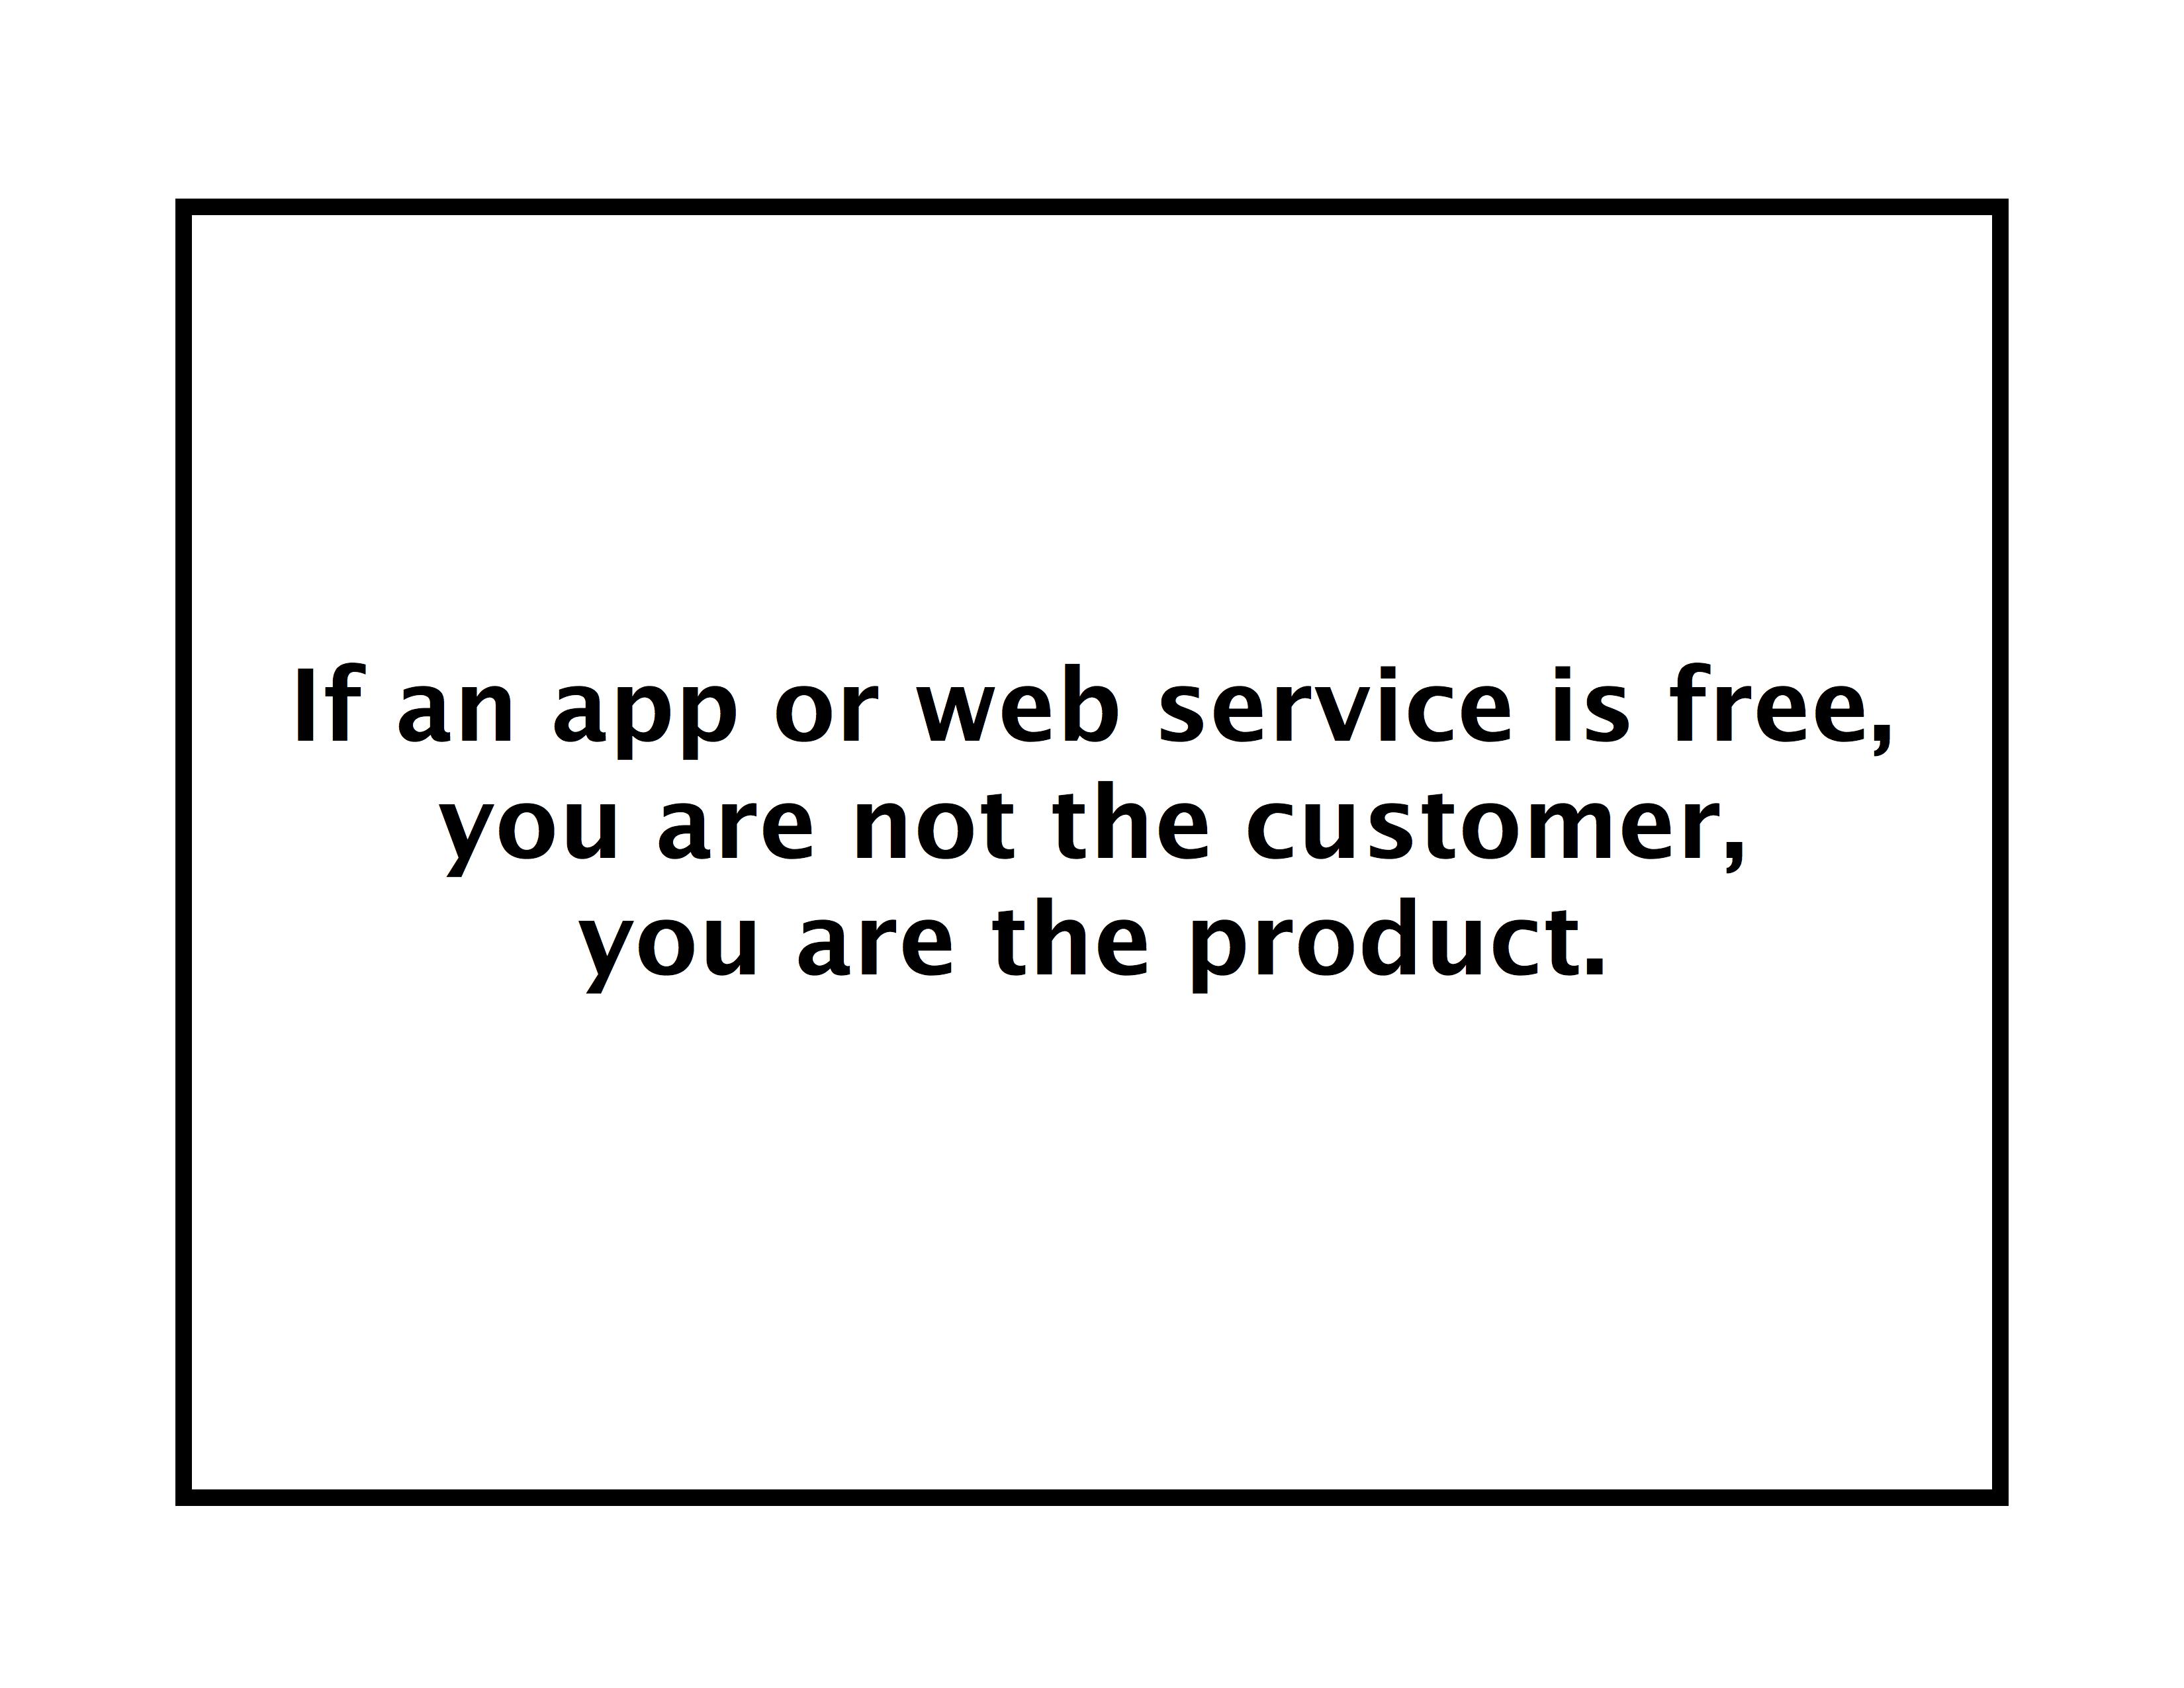 freeproduct